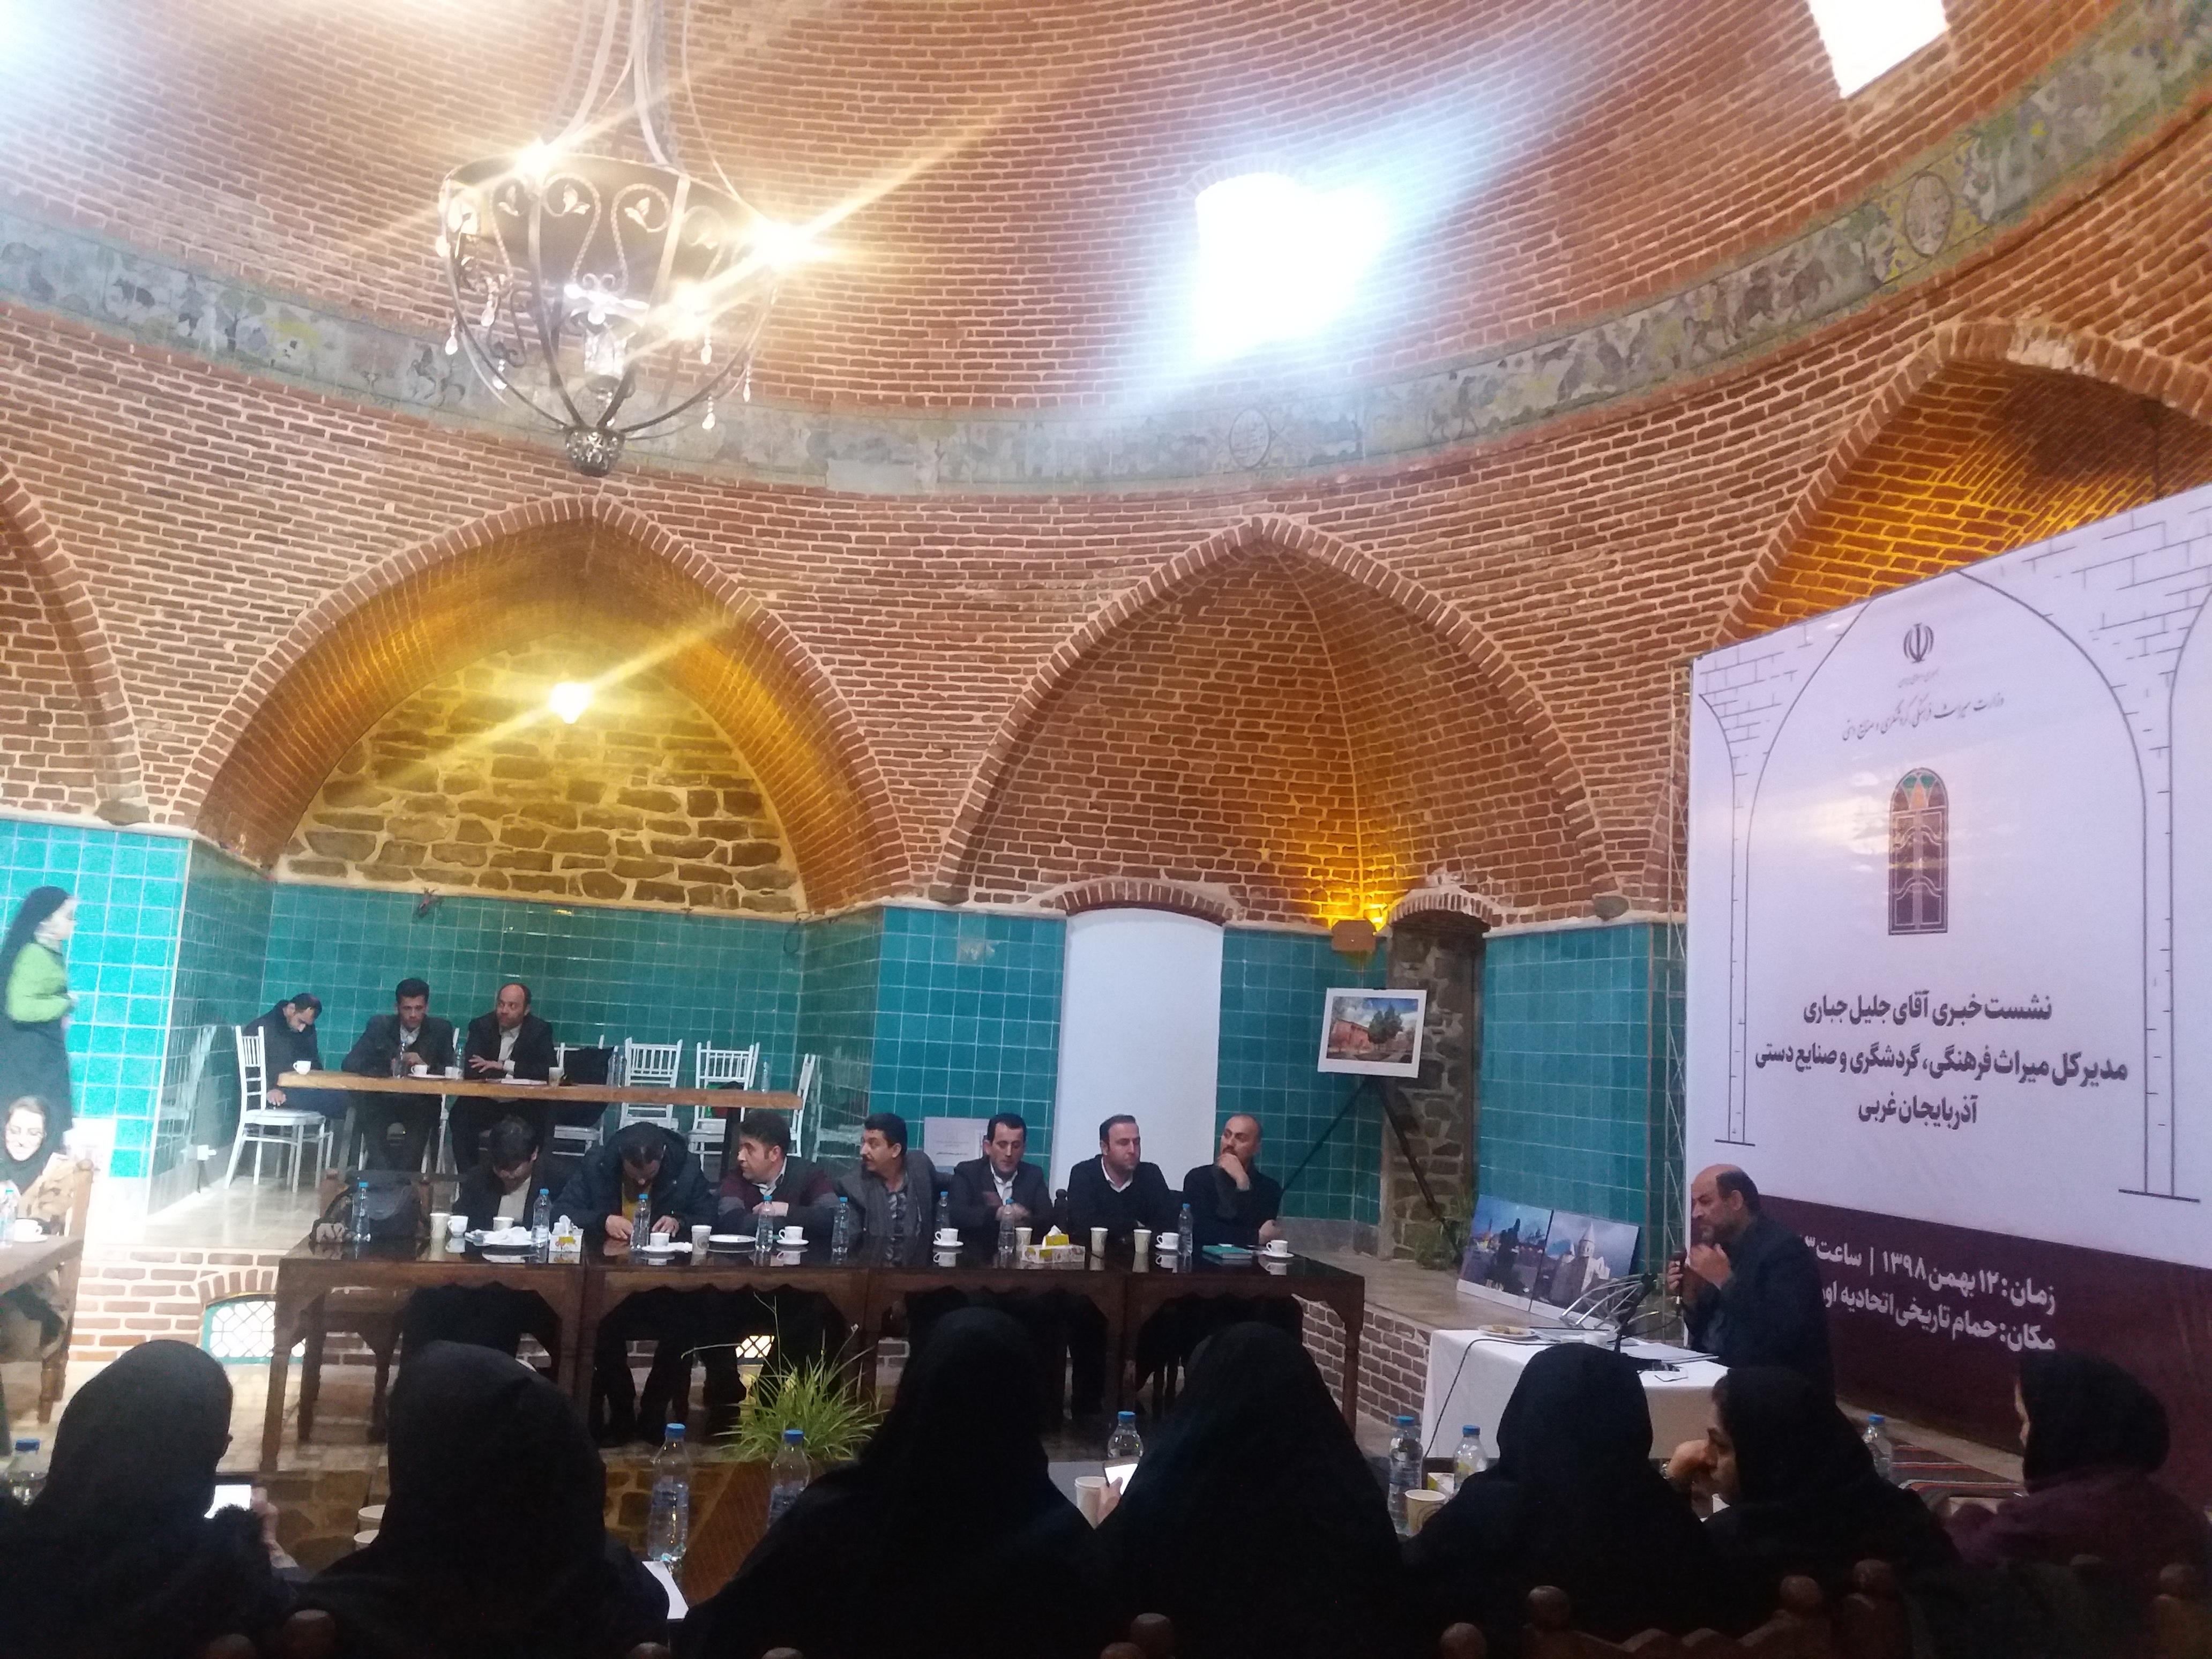 برگزاری آئین نوروزگاه در ۶۵ مکان گردشگری آذربایجان غربی